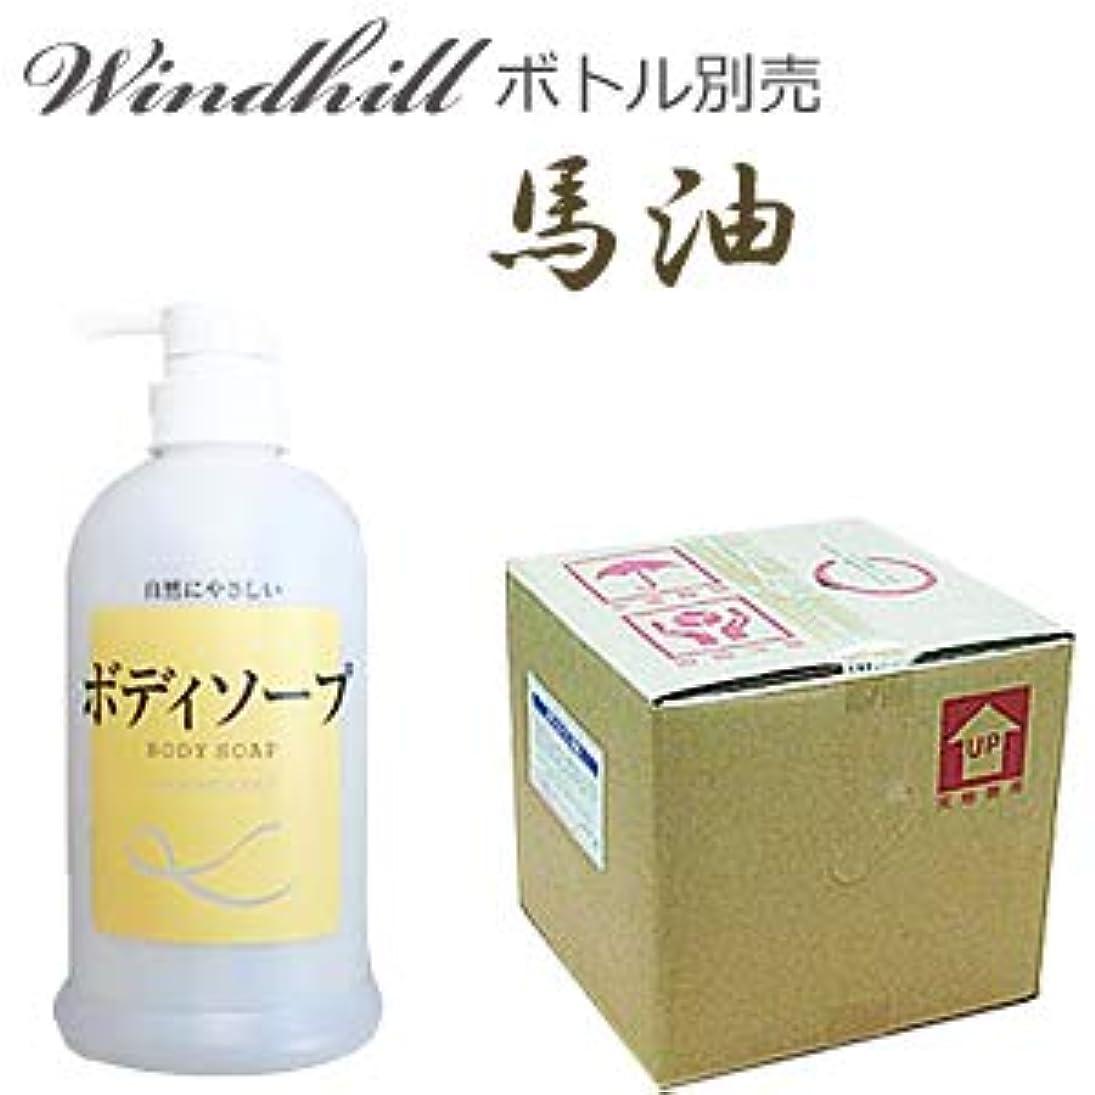 アクションご意見フィットネスなんと! 500ml当り190円 Windhill 馬油 業務用 ボディソープ   フローラルの香り 20L